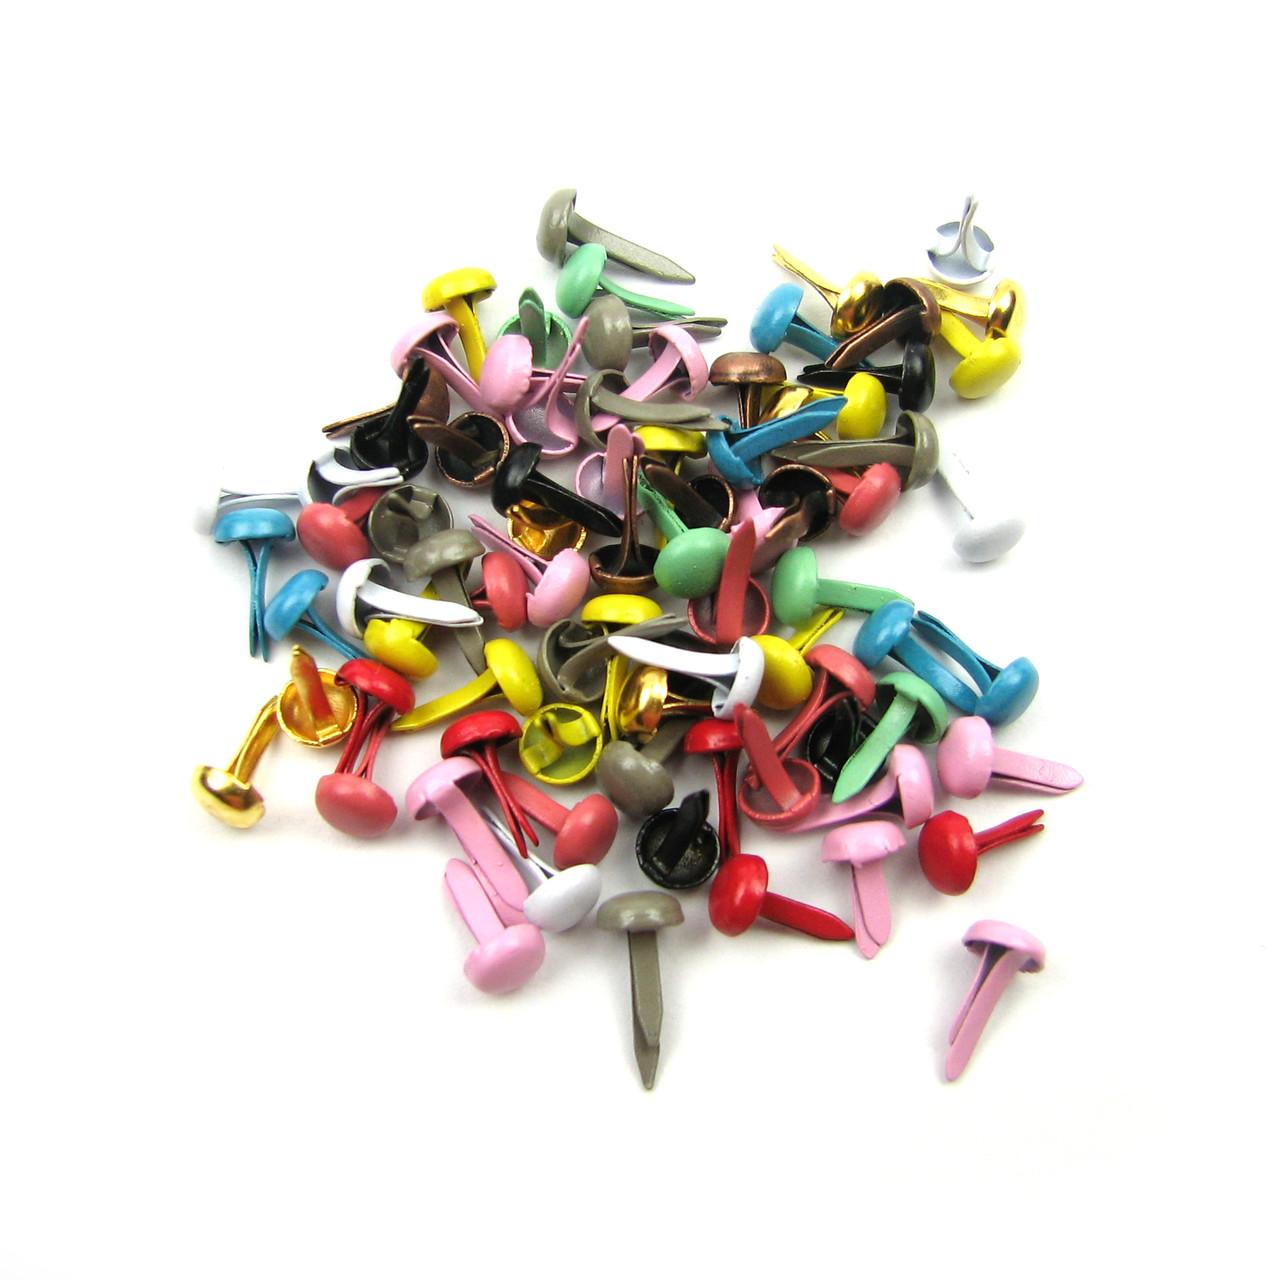 Брадсы для рукоделия 4мм разные цвета 25шт в наборе